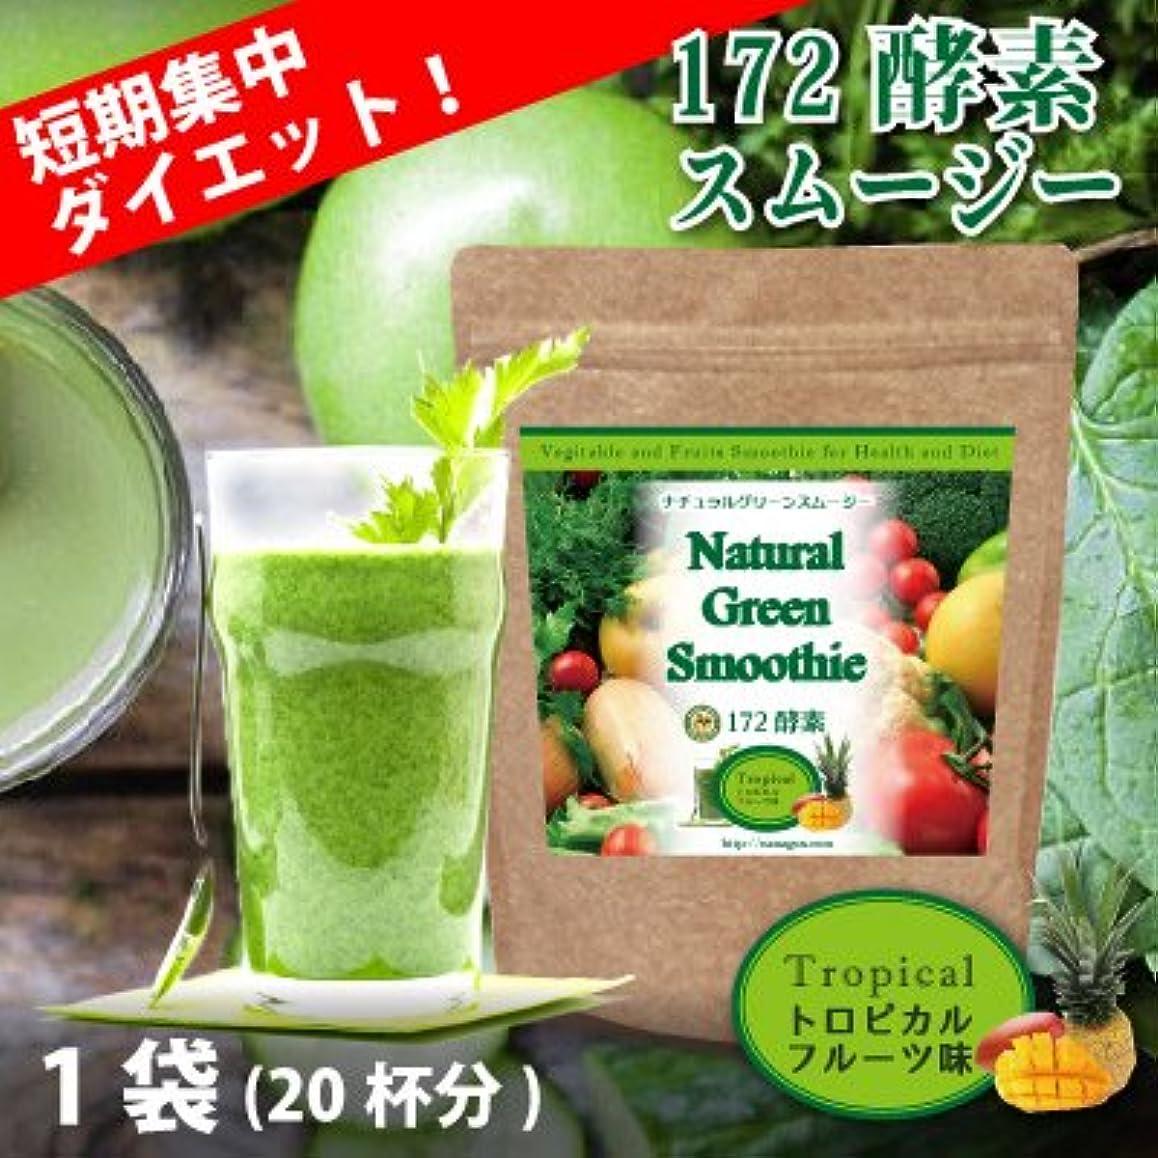 百年ベル特定の【ダイエット】越中ななごん堂のナチュラルグリーンスムージー 置換え 172酵素 200g